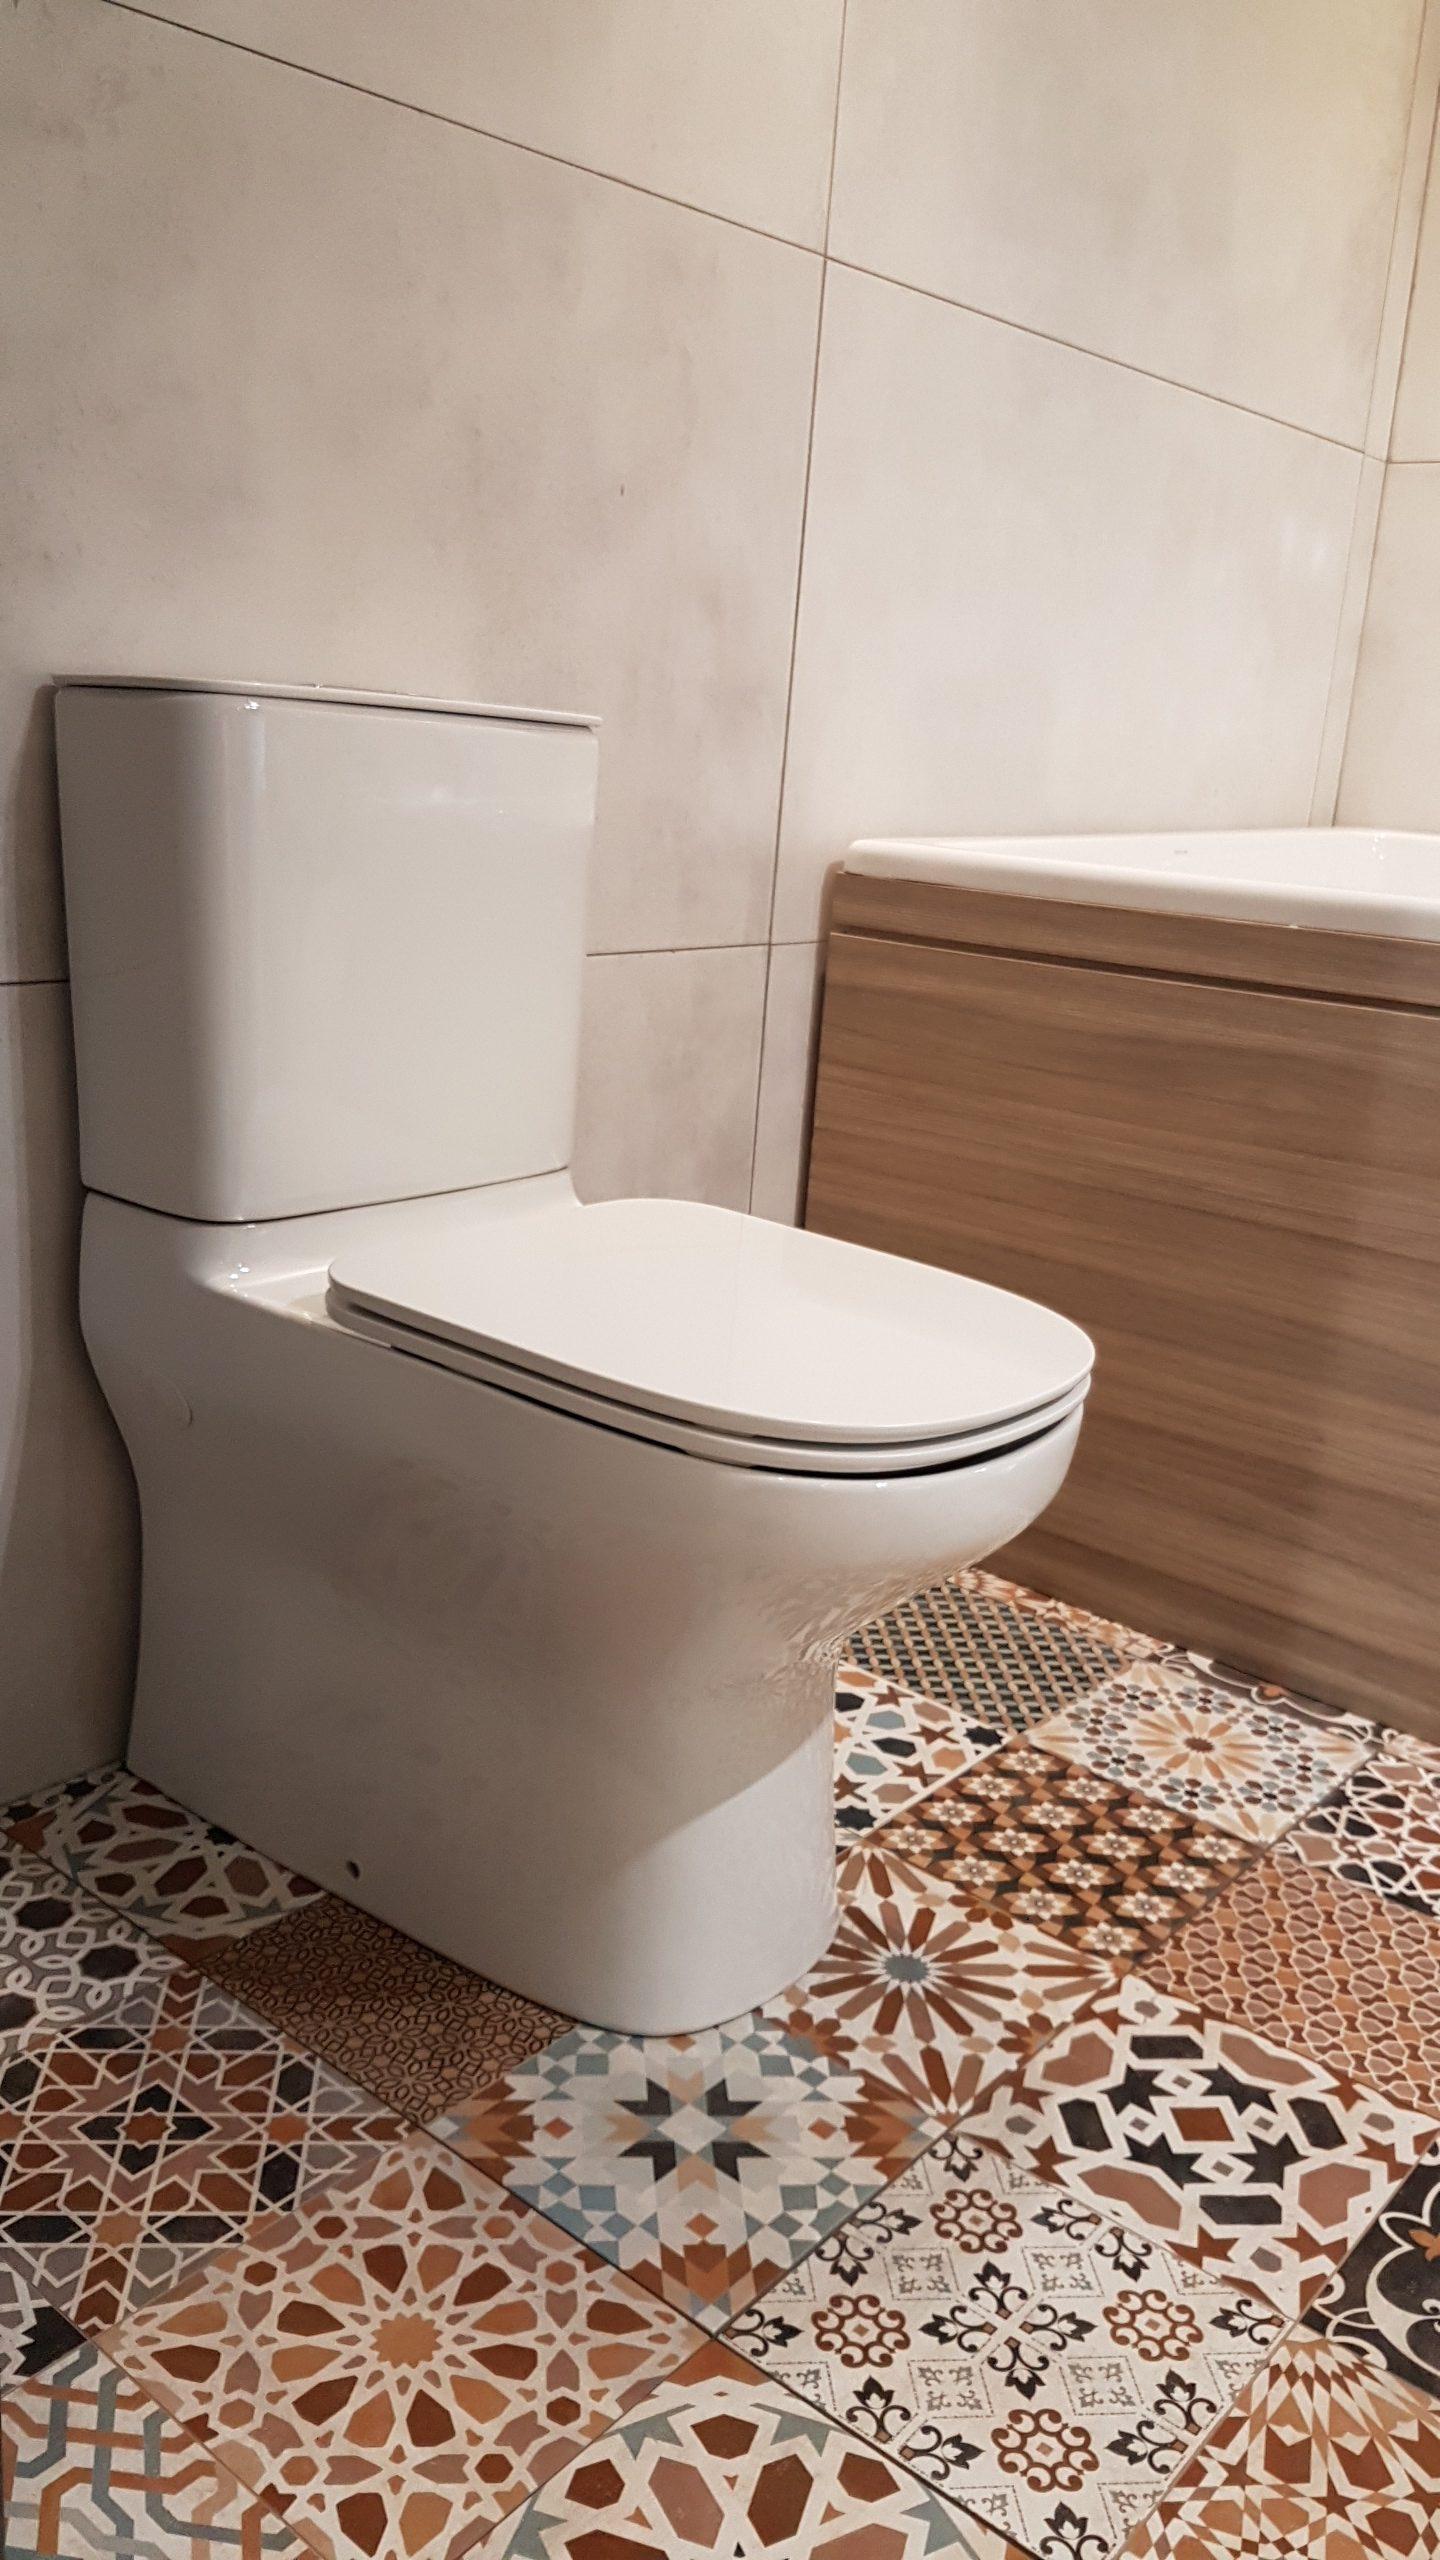 realonda marrakech mix + kohler modernlife toilet